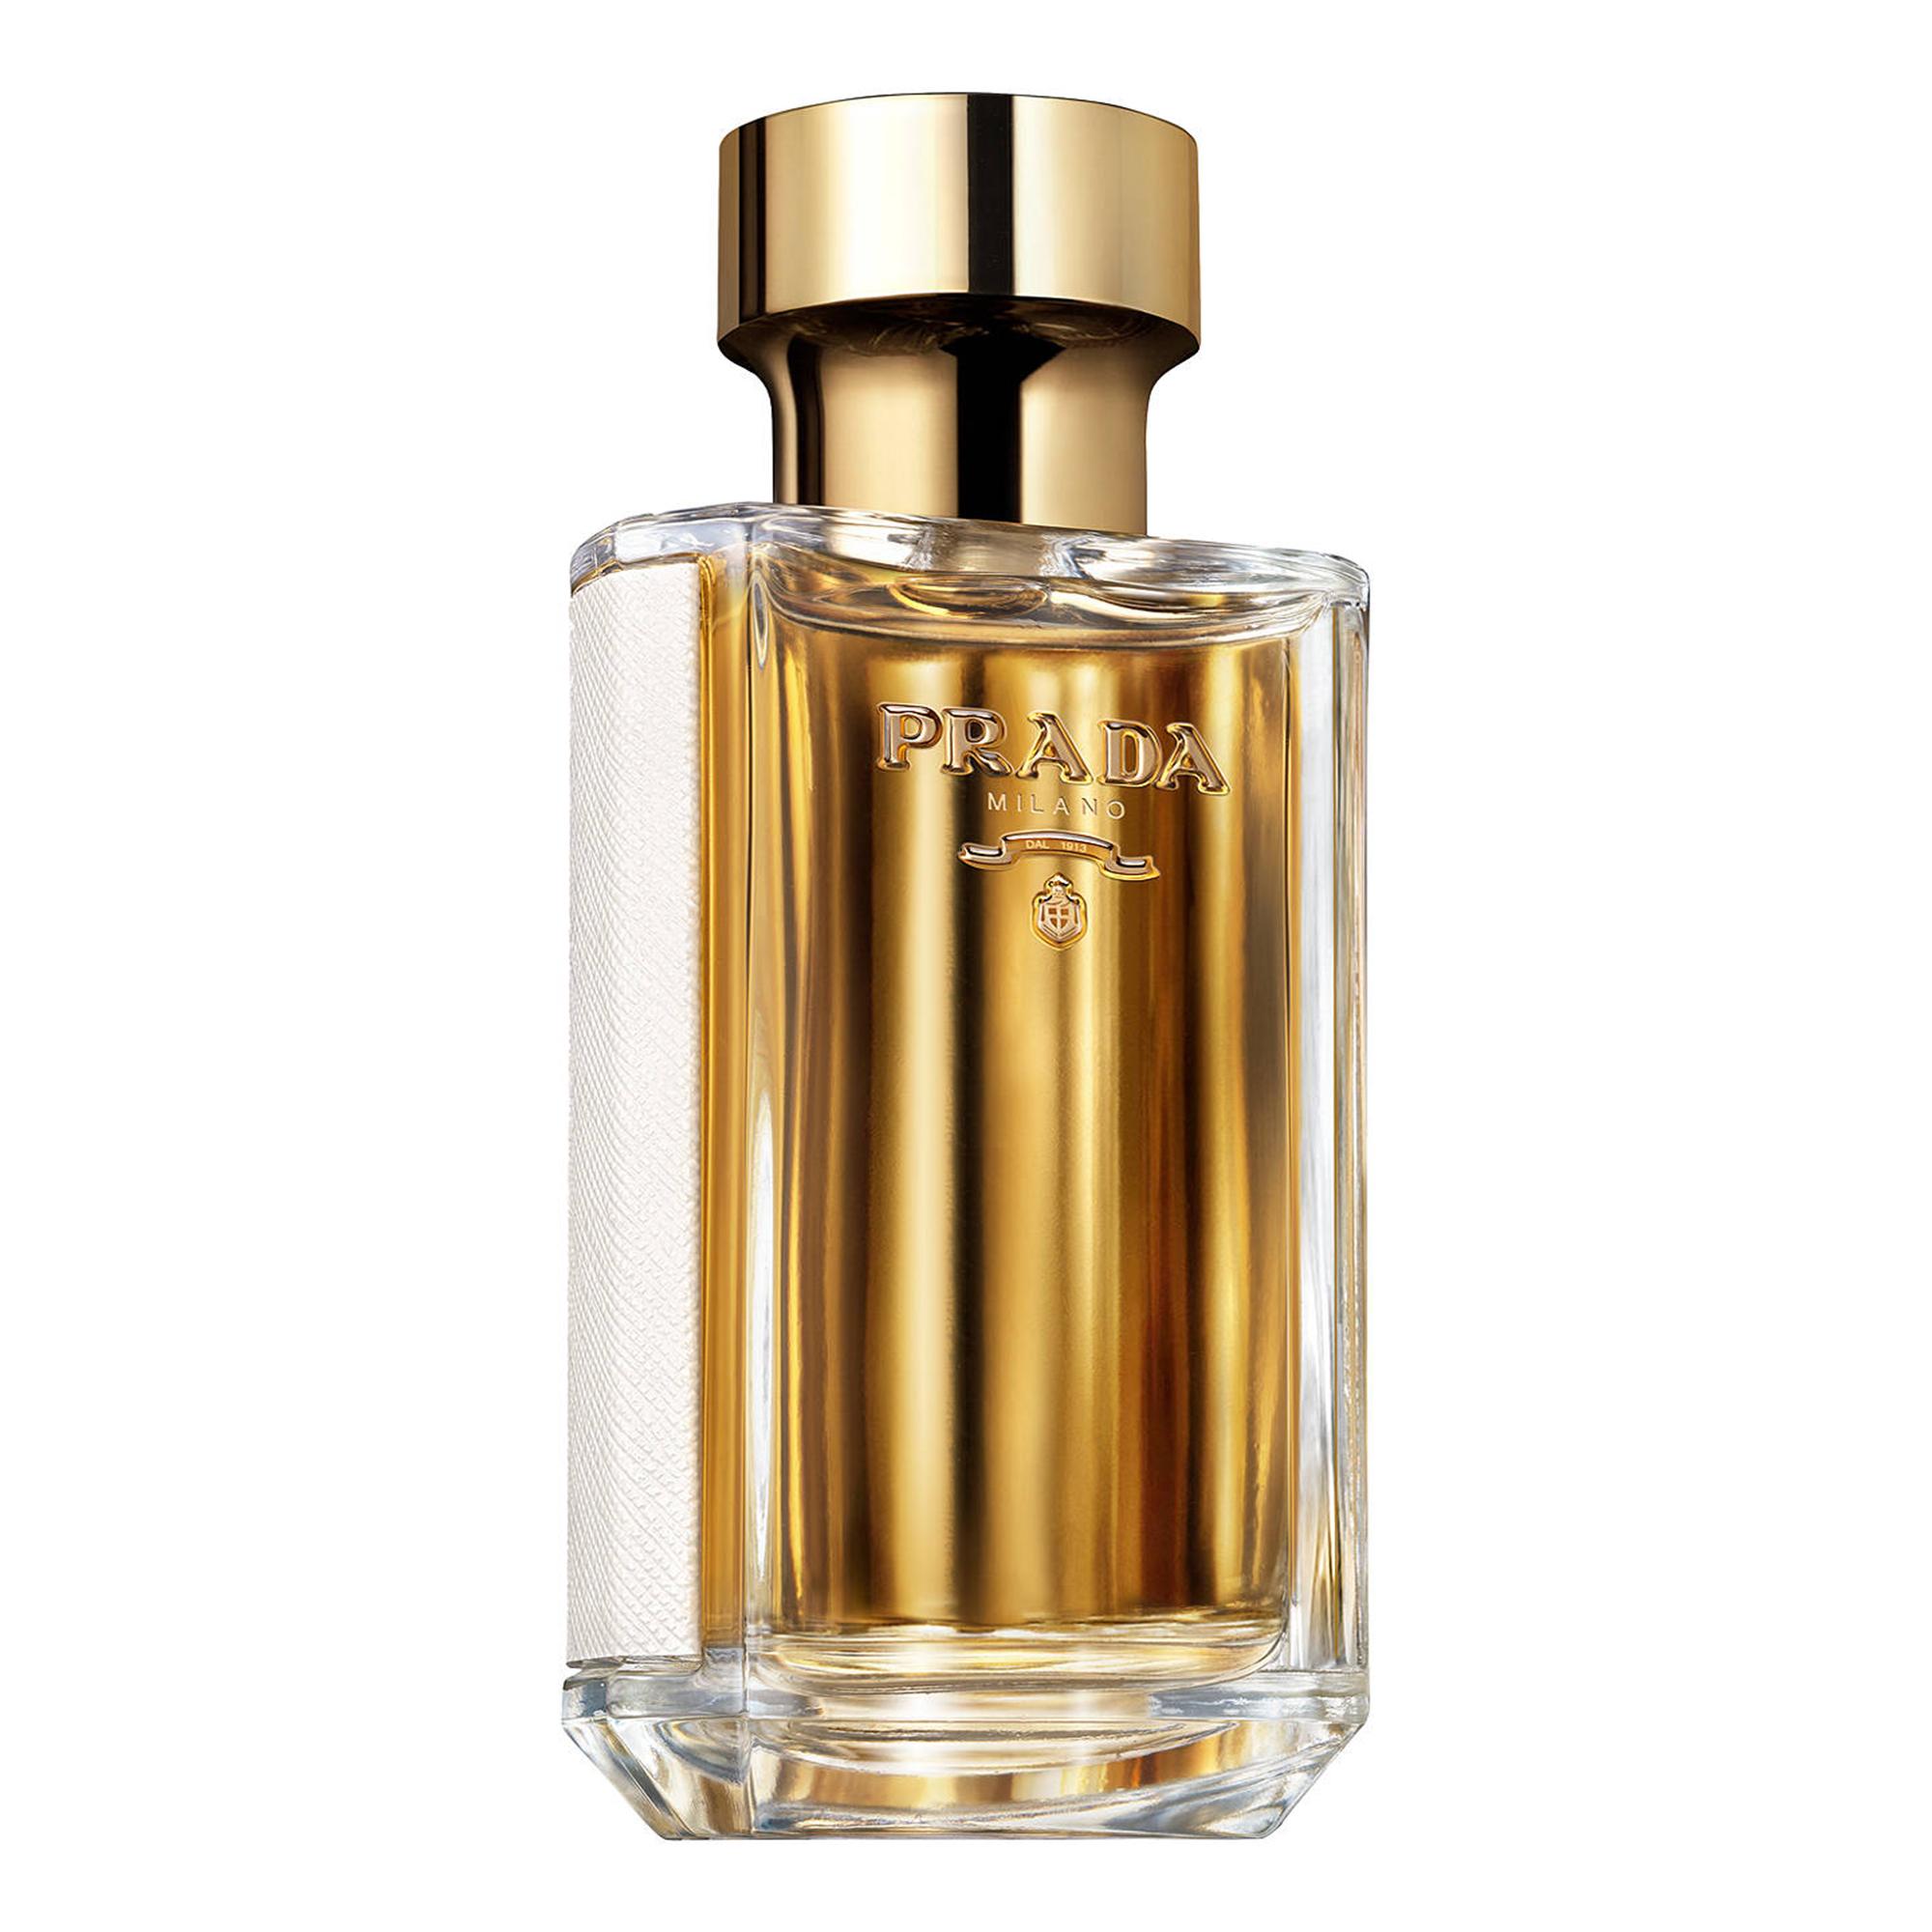 قیمت ادو پرفیوم زنانه پرادا مدل La Femme حجم 50 میلی لیتر